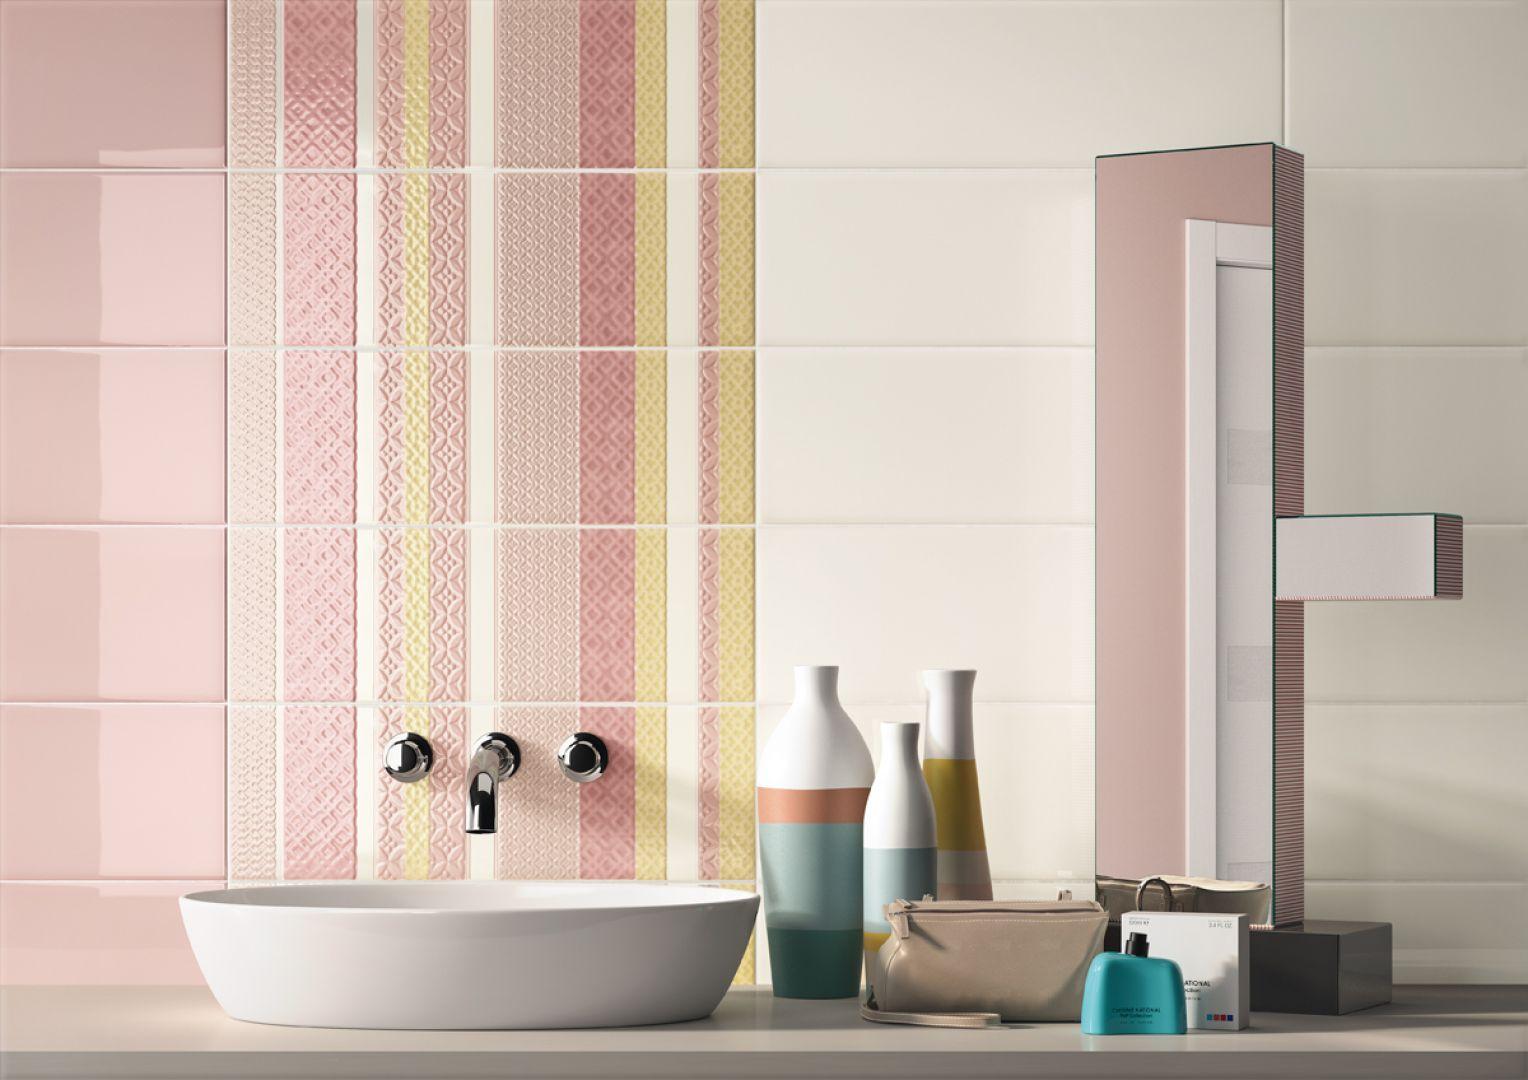 Kolorowe płytki ceramiczne z kolekcji Glass marki Imola Ceramica. Fot. Imola Ceramica